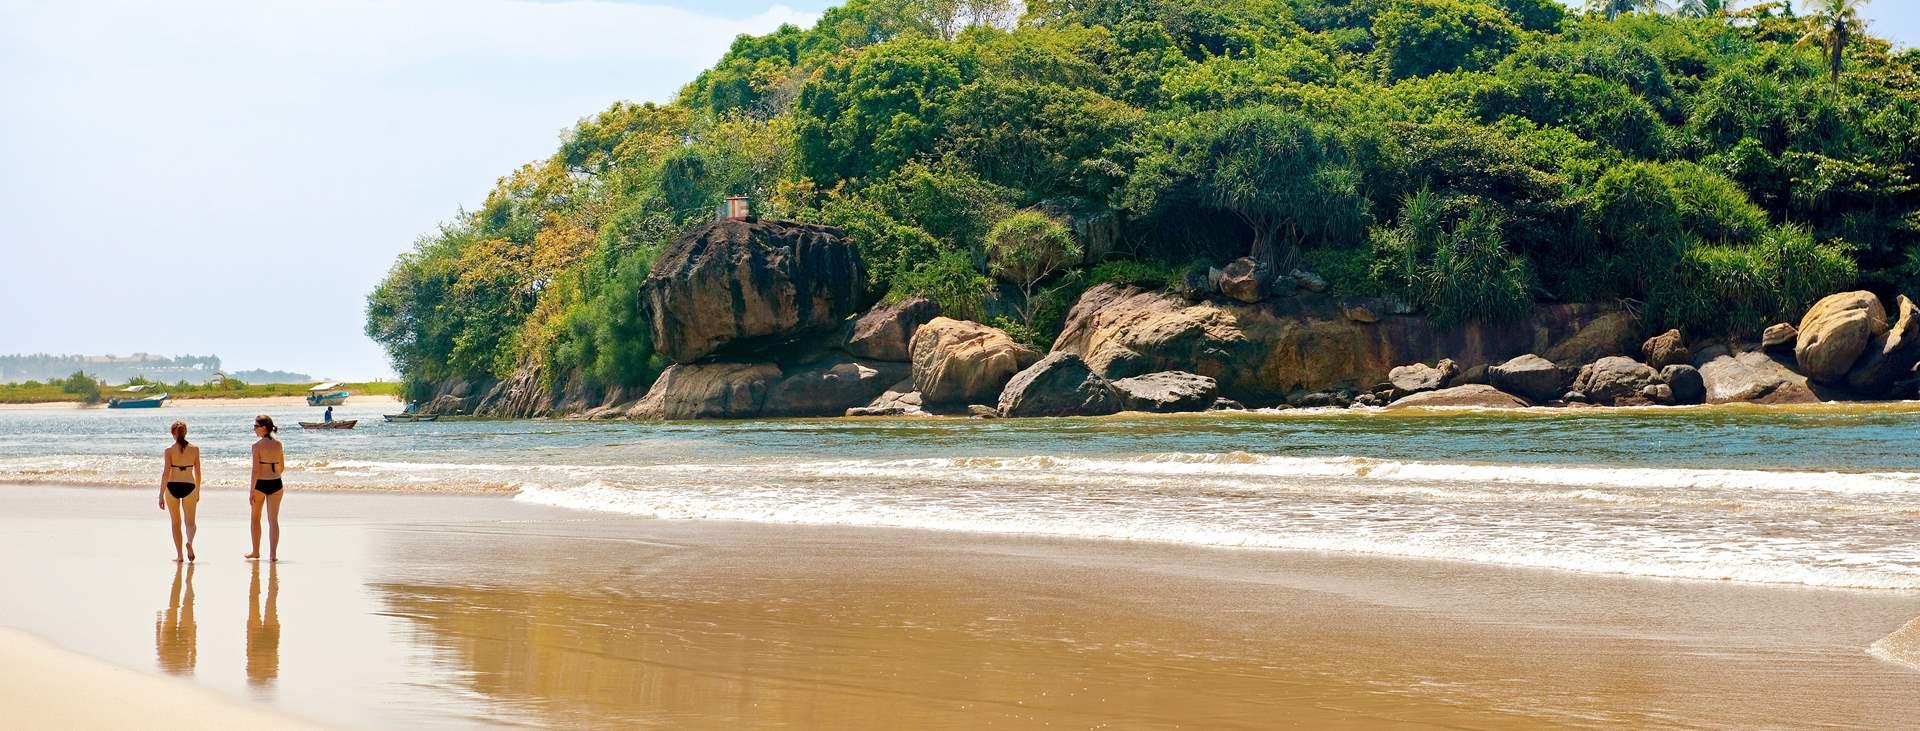 Bestill din reise til Beruwela på Sri Lanka med Ving